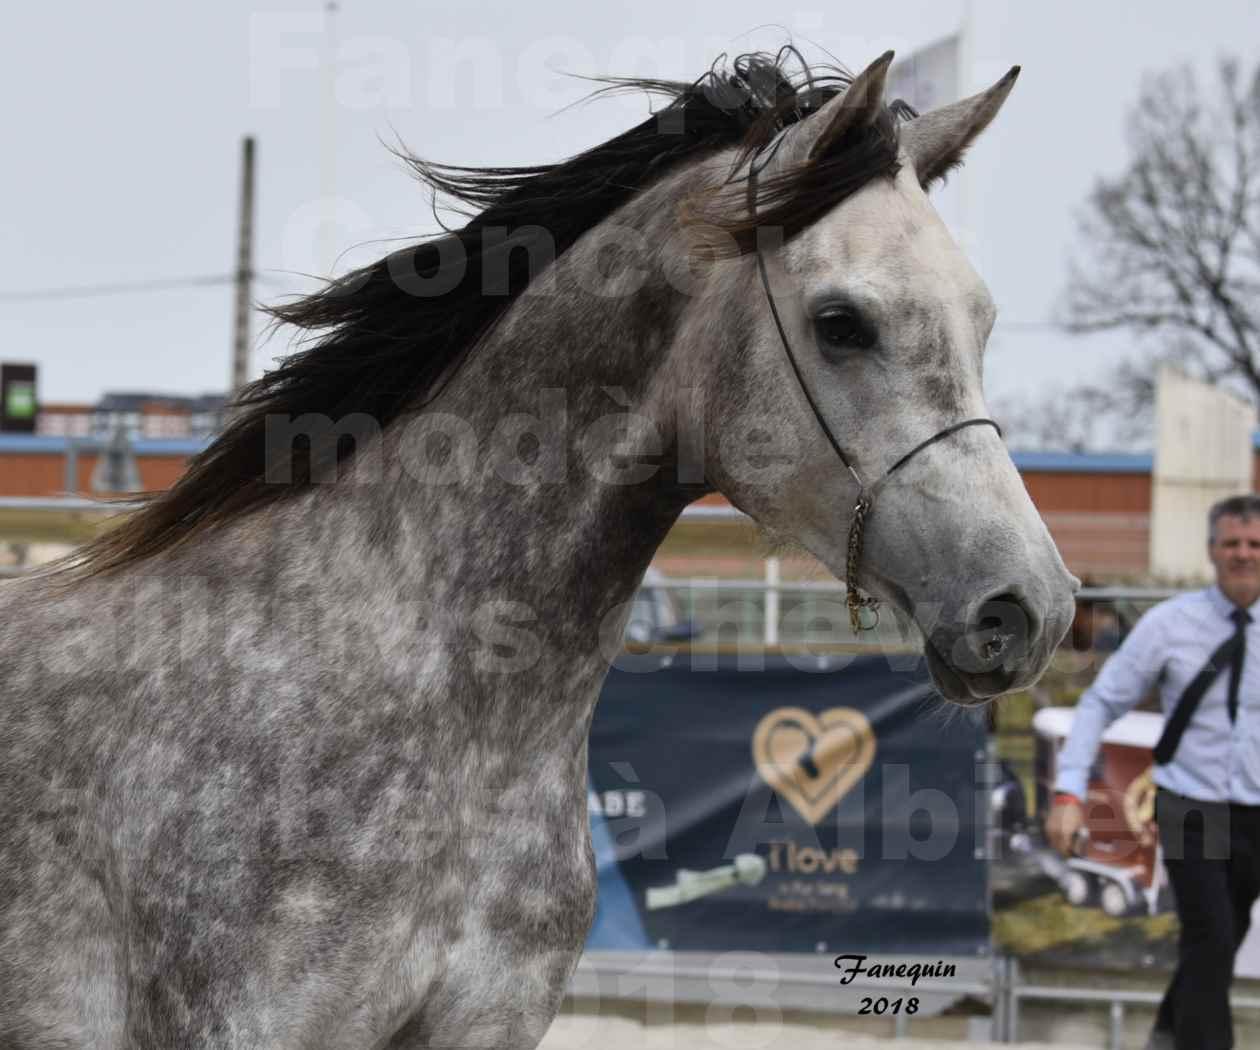 Concours d'élevage de Chevaux Arabes - Demi Sang Arabes - Anglo Arabes - ALBI les 6 & 7 Avril 2018 - PERCEVAL DE LAFON - Notre Sélection - Portraits - 02